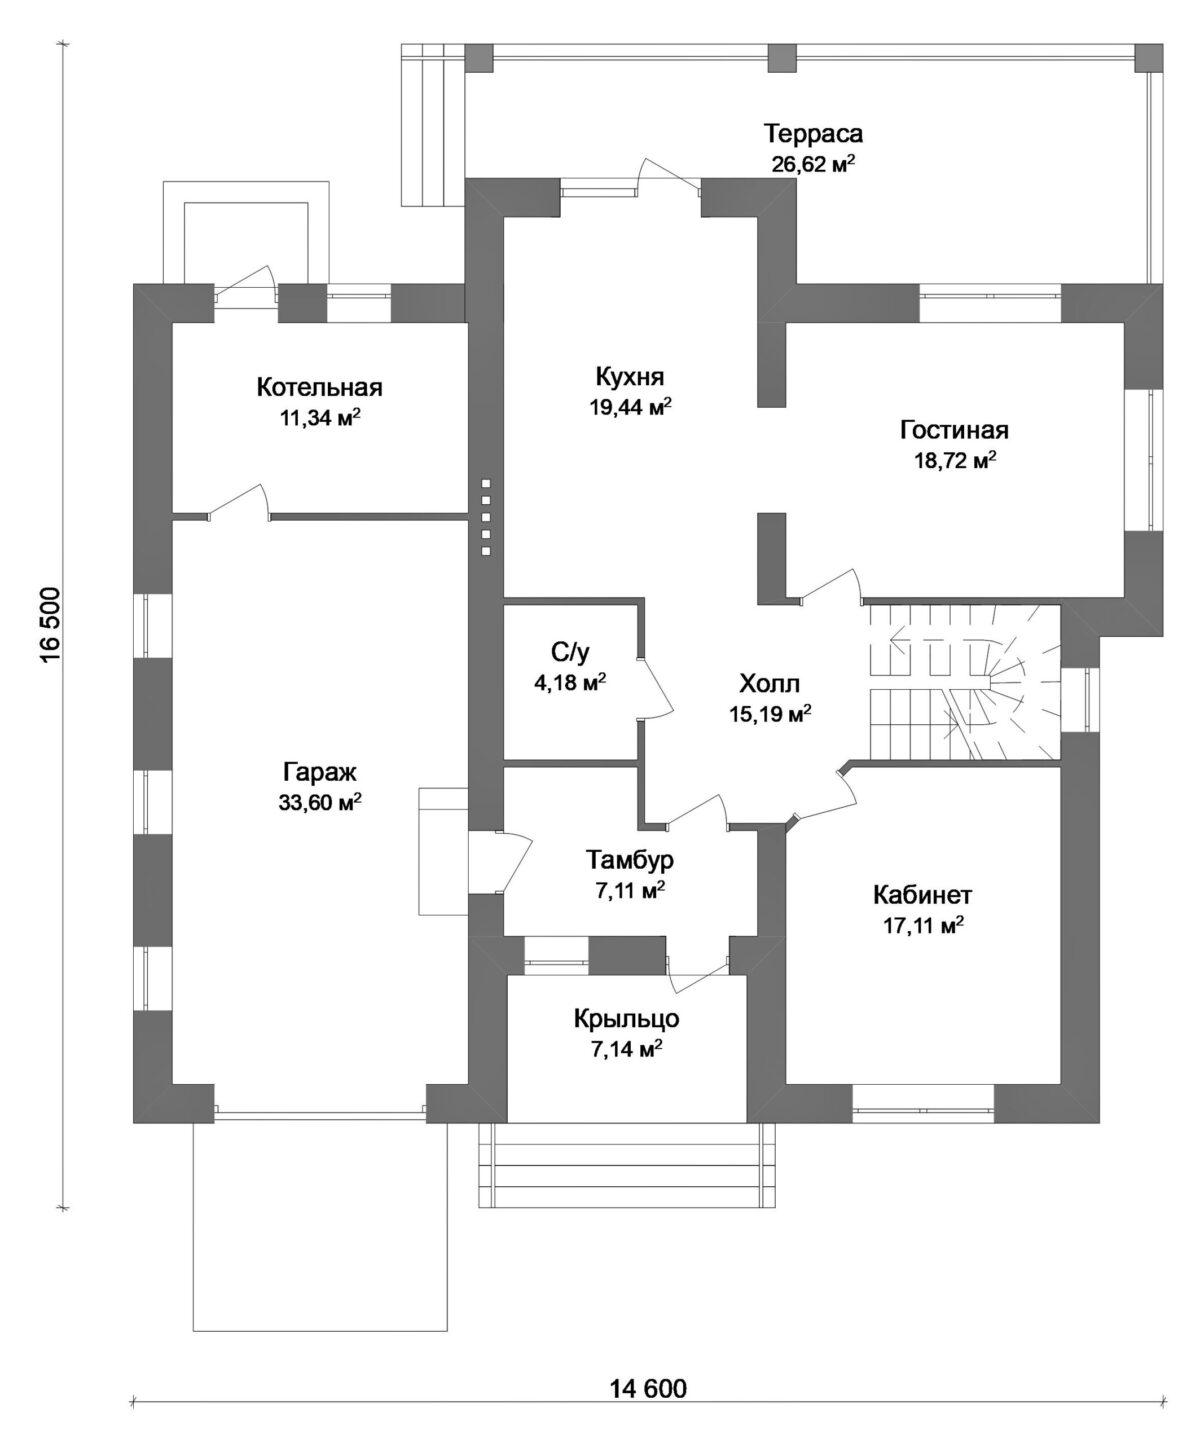 Мирикал D-026. Проект красивого двухэтажного дома на 3 спальни, с гаражом, террасой